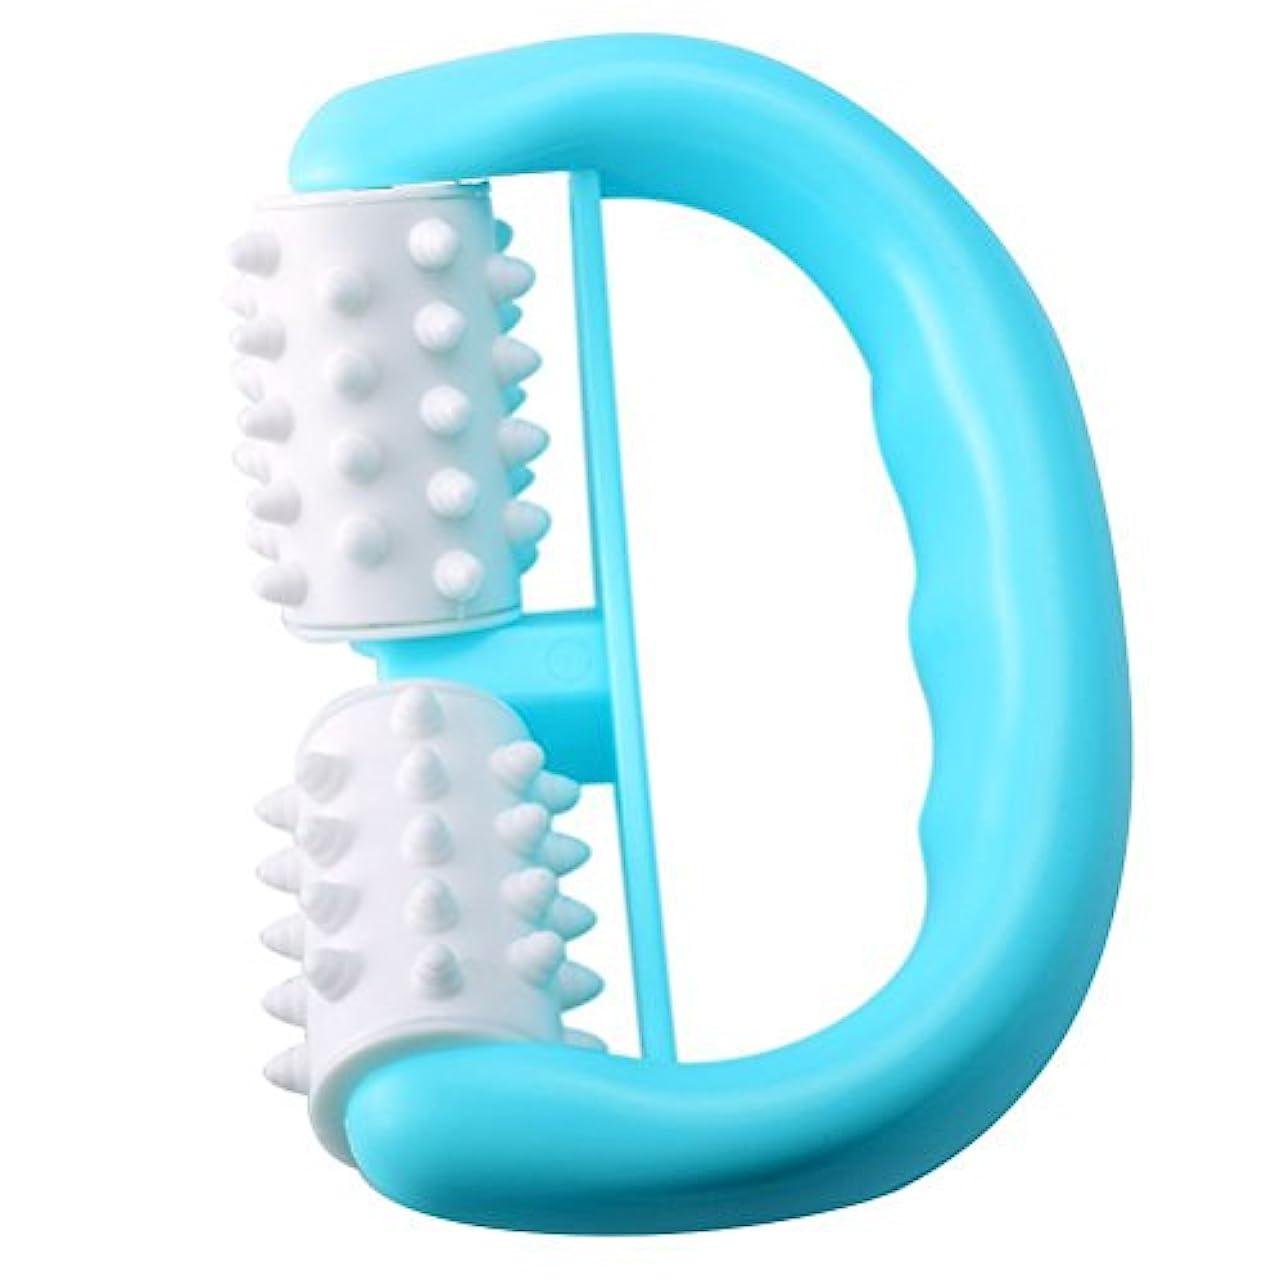 パートナー変装番号ROSENICE セルライトマッサージャー深部組織筋筋肉解放ツールボディセラピーマッサージファットブラスター(青)